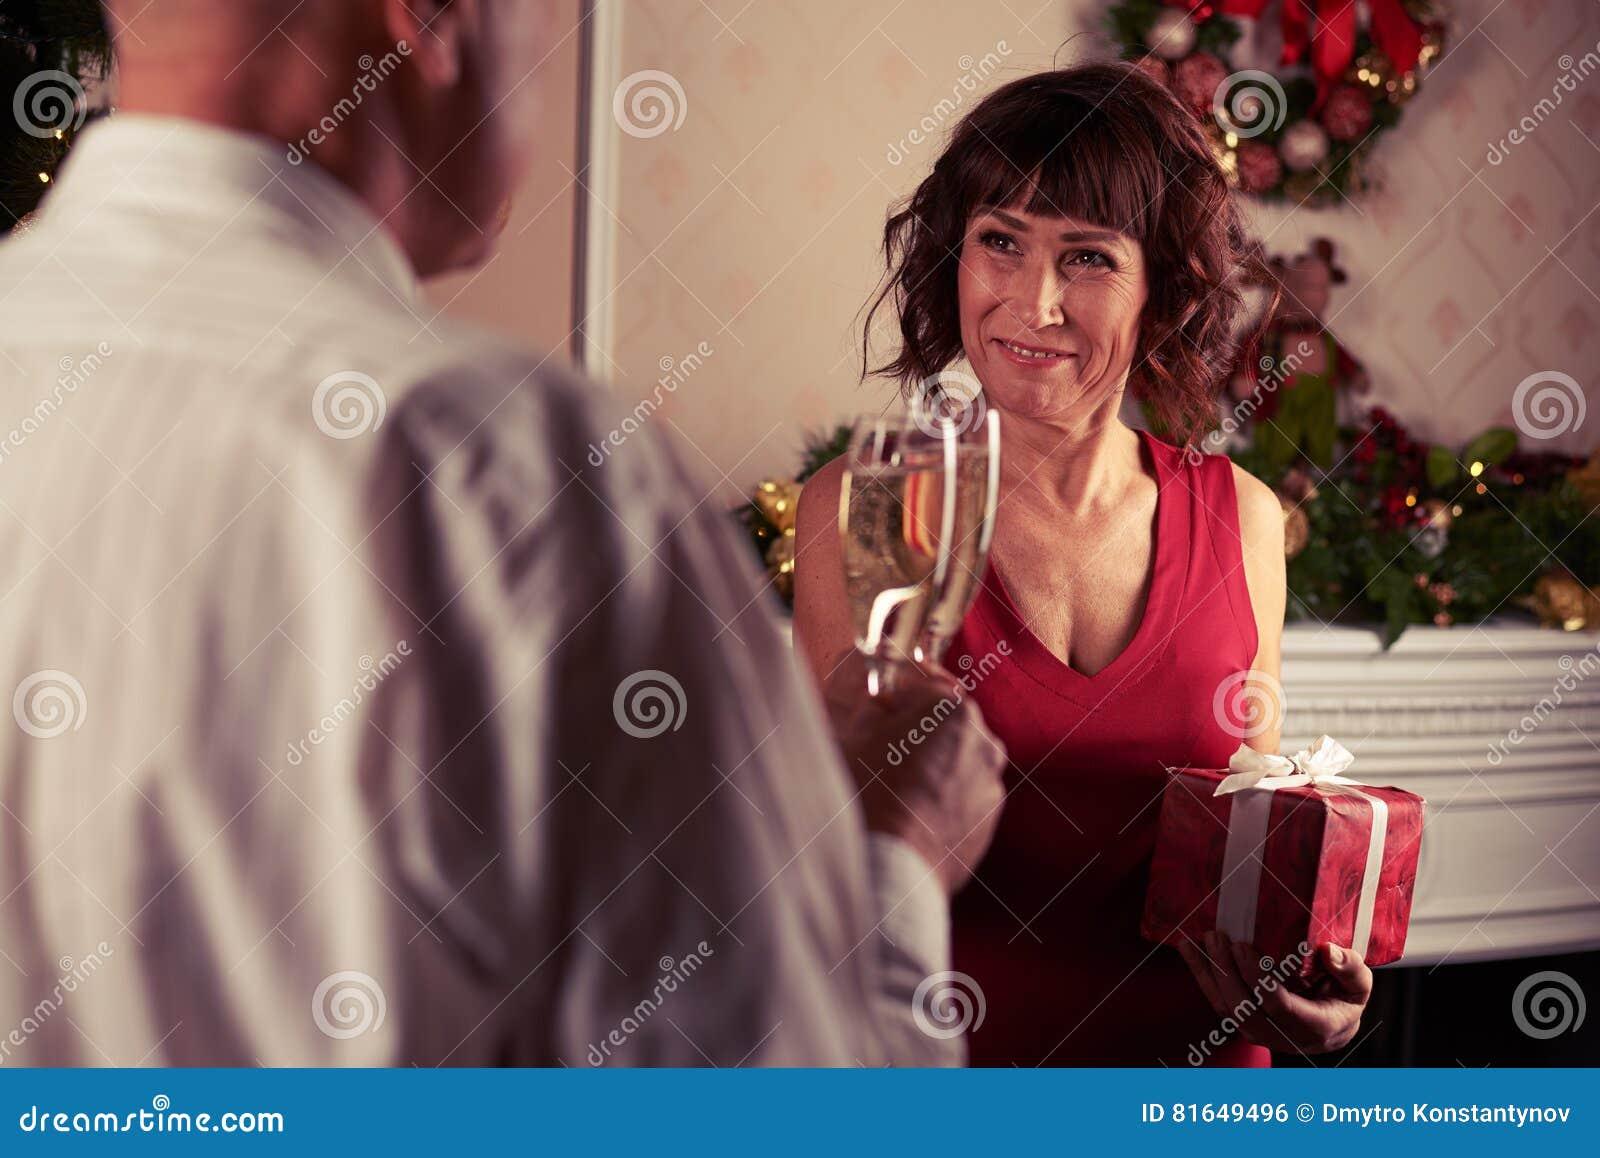 Acople flautas de champanhe do tinido na frente da decoração da chaminé